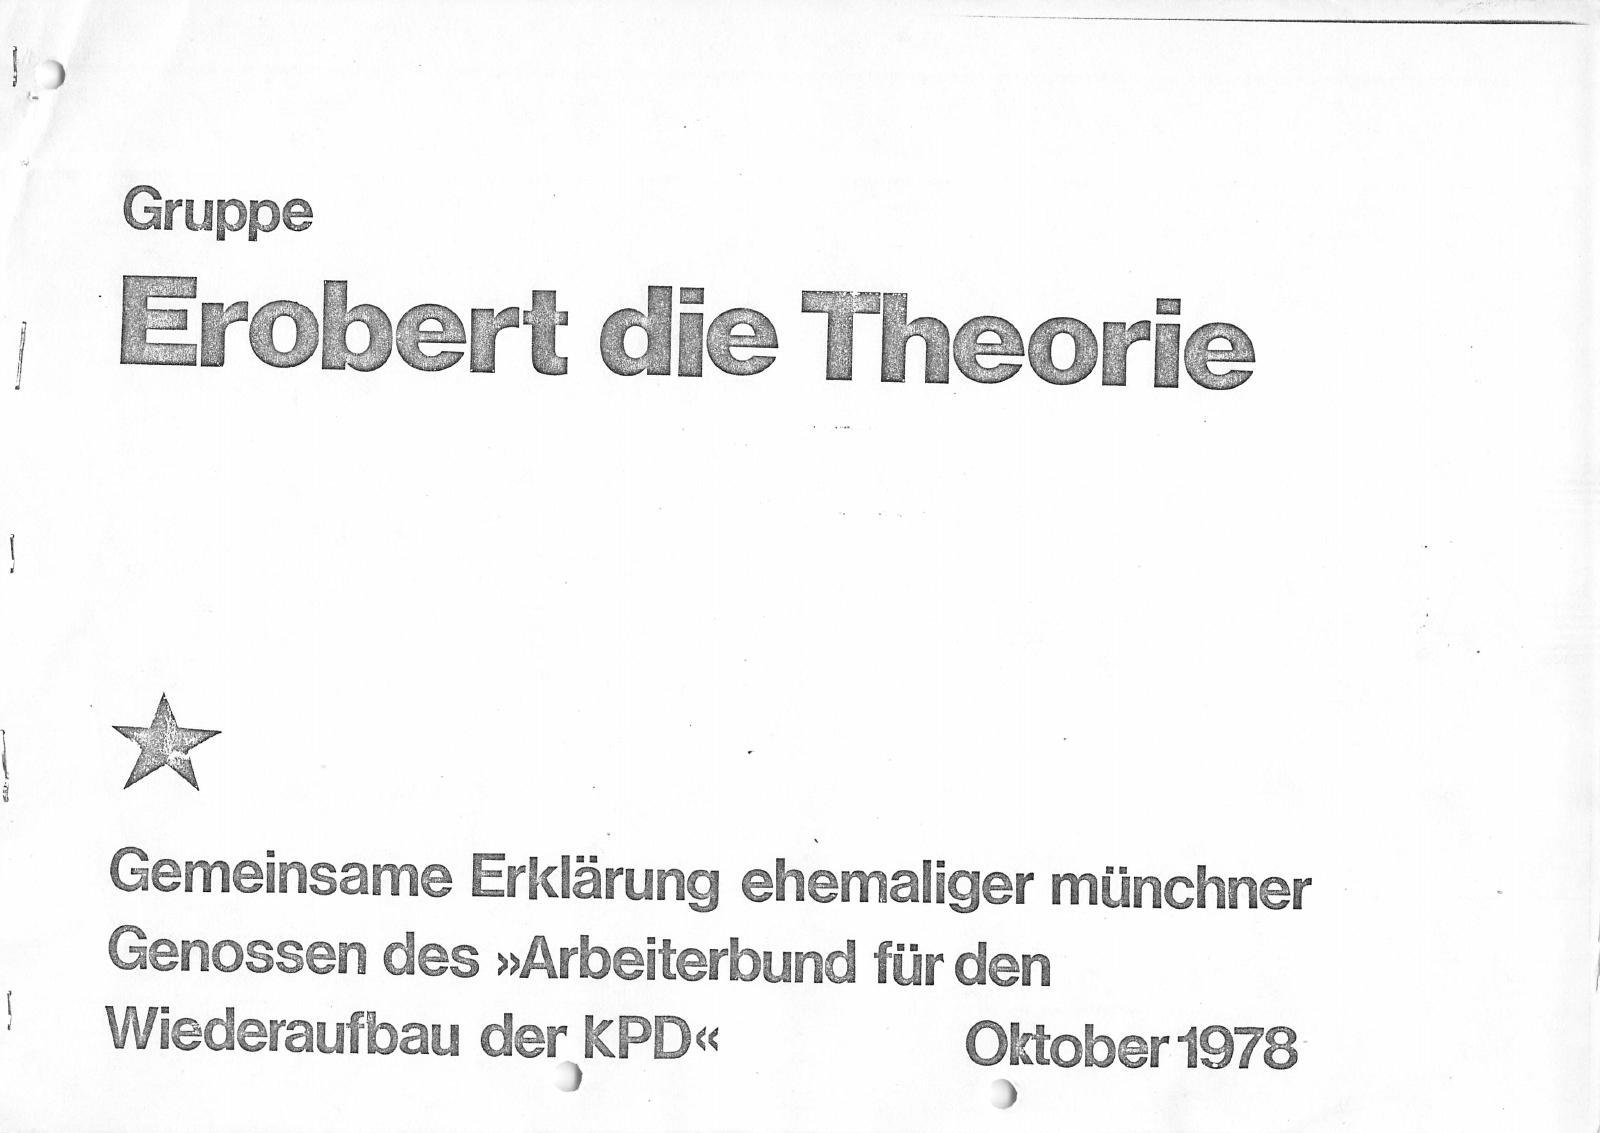 Muenchen_Gruppe_Erobert_die_Theorie_1978_Gemeinsame_Erklaerung_01